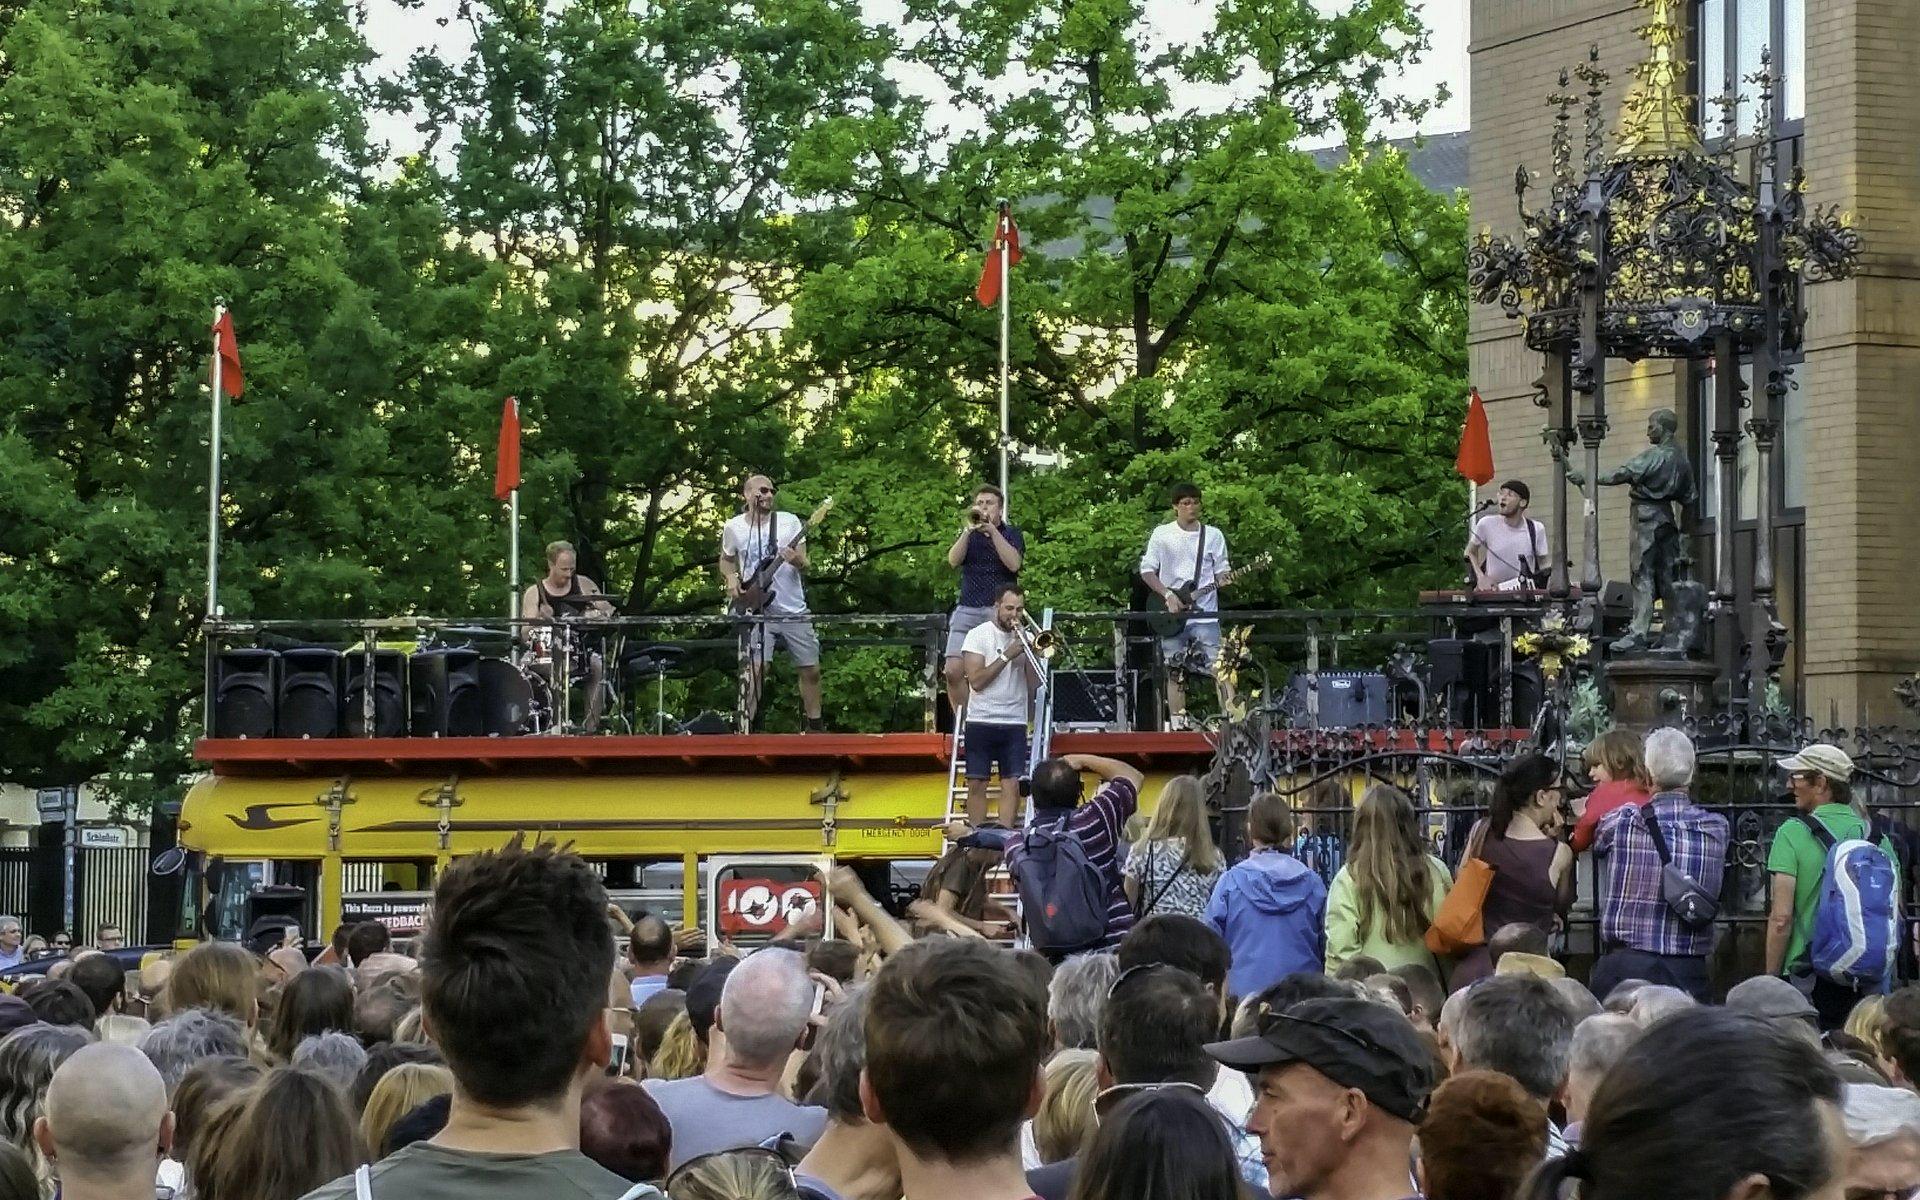 Skapunk-Band Bazzookas auf ihrem gelben Schulbus am Holzmarkt